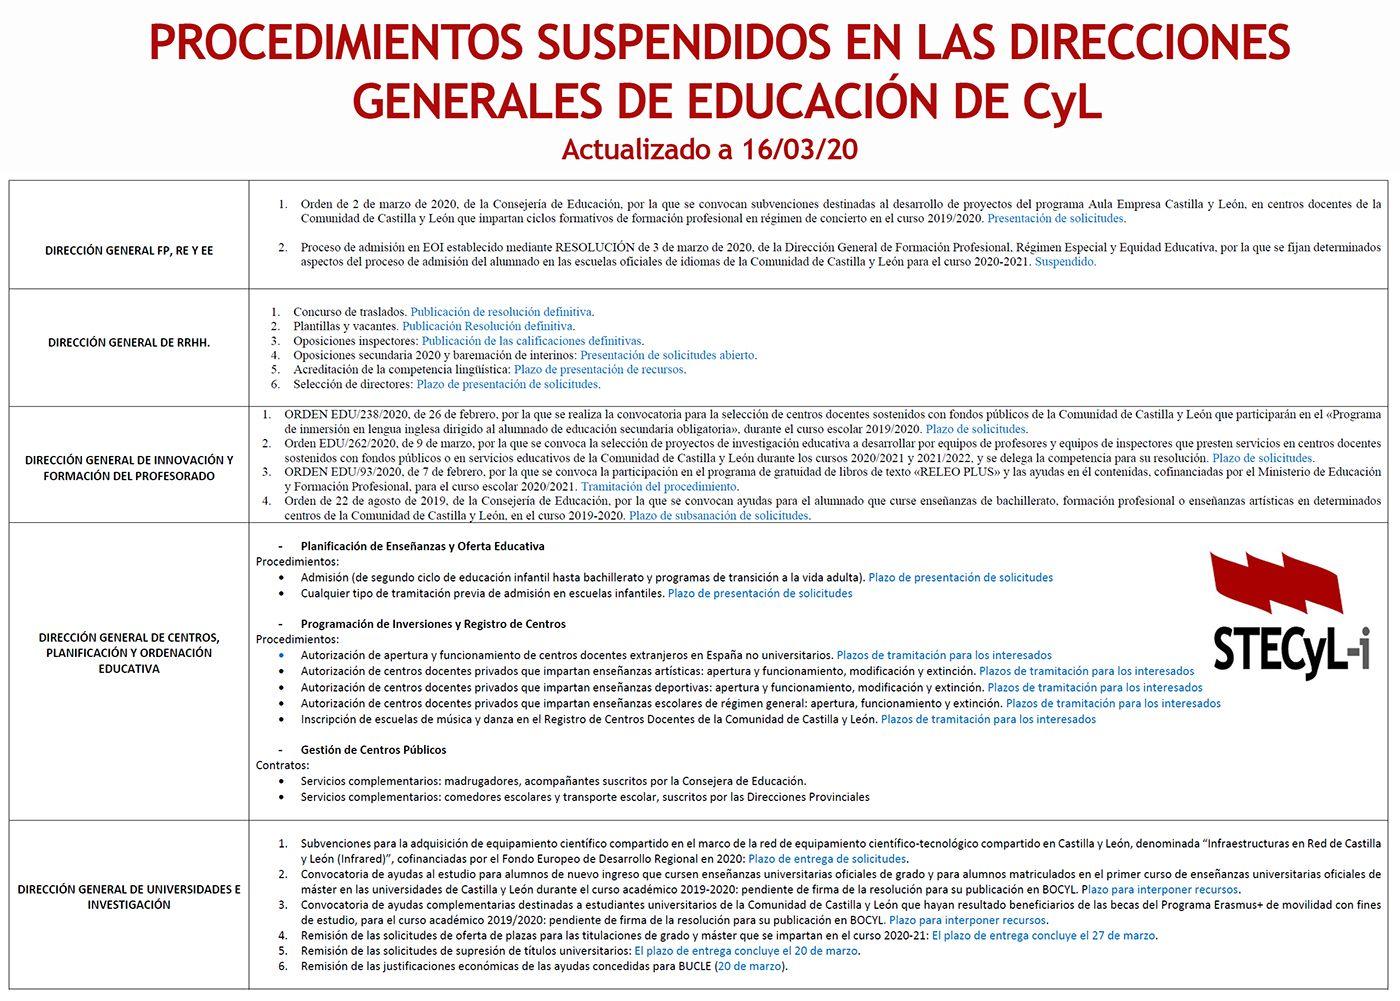 informacion-suspension-plazos-16-03-2020-1400